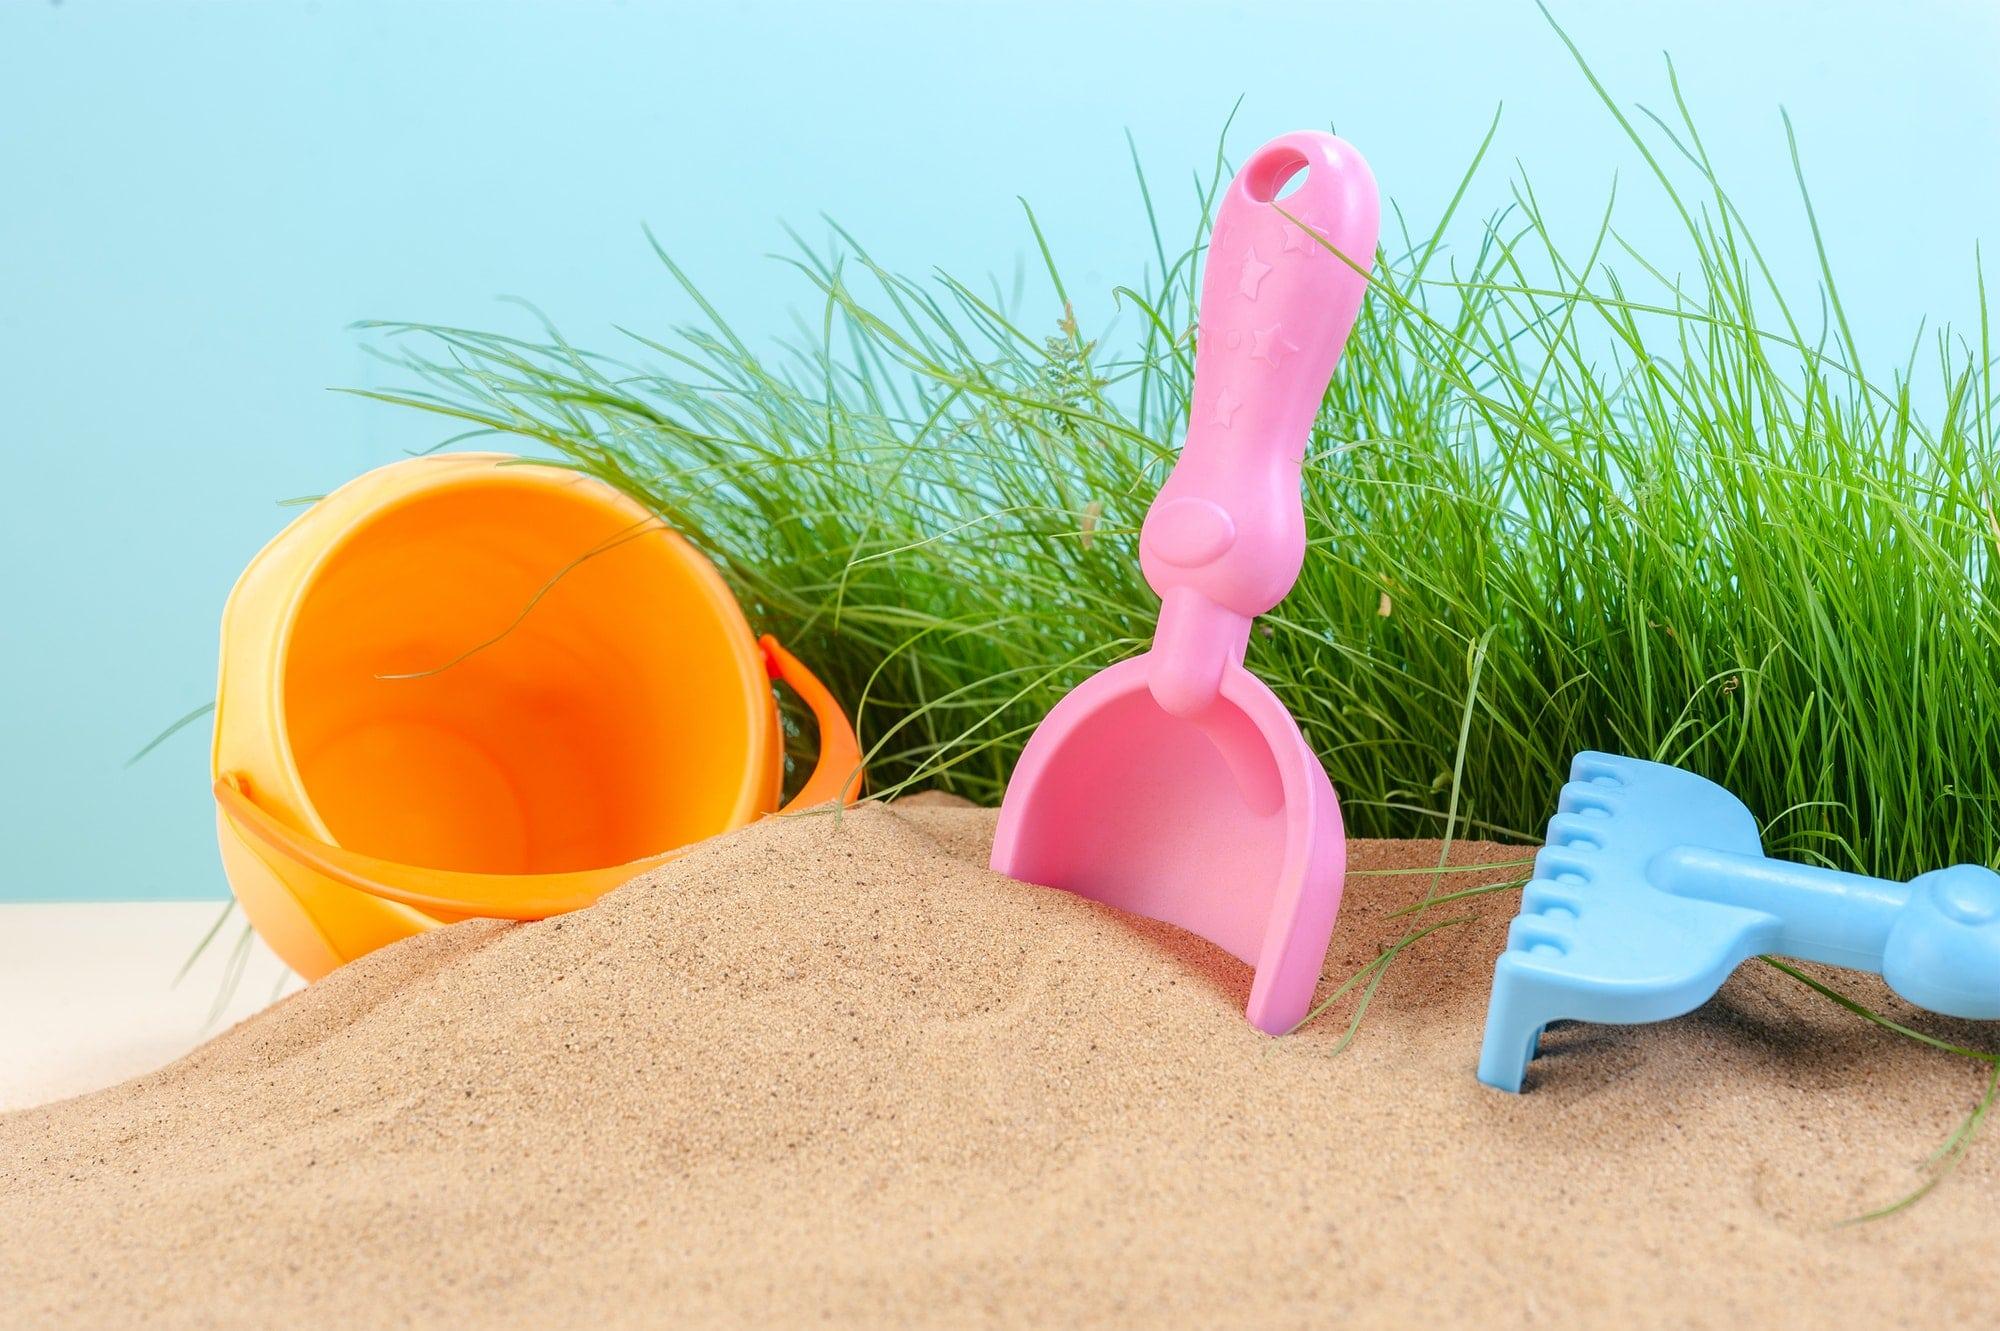 Children's toys for the sandbox.